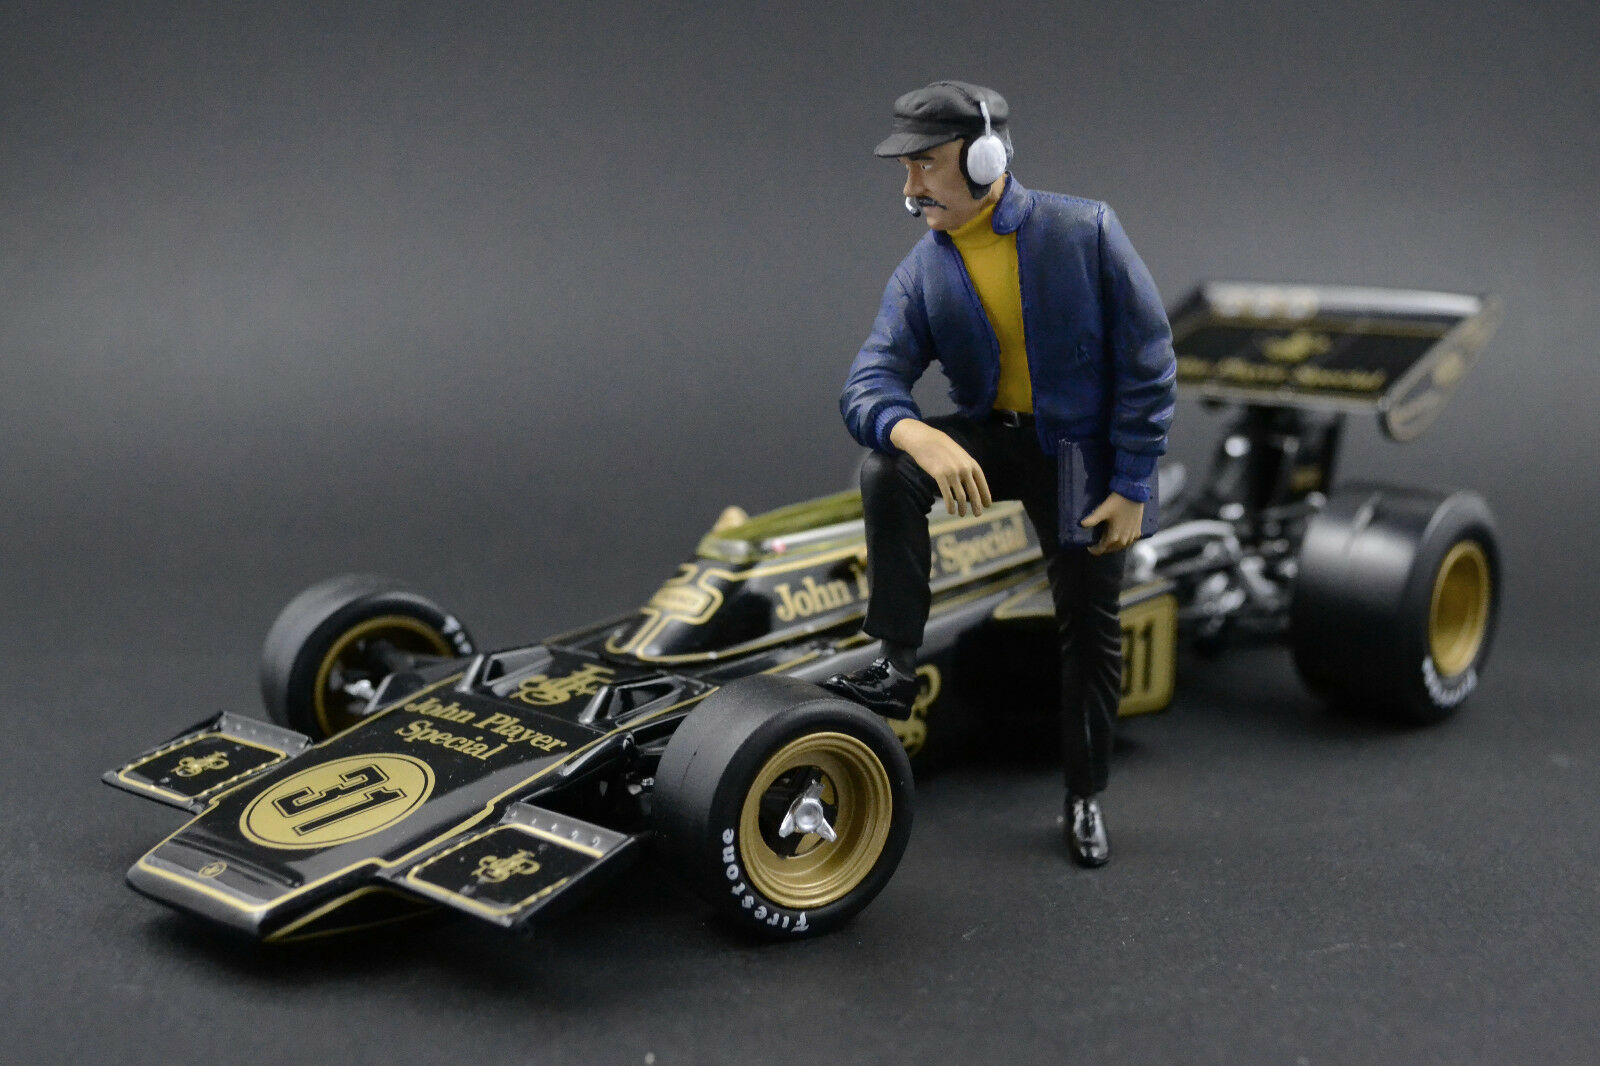 Colin Chapuomo cifra per 1 18 Lotus Cortina Autoart JPS